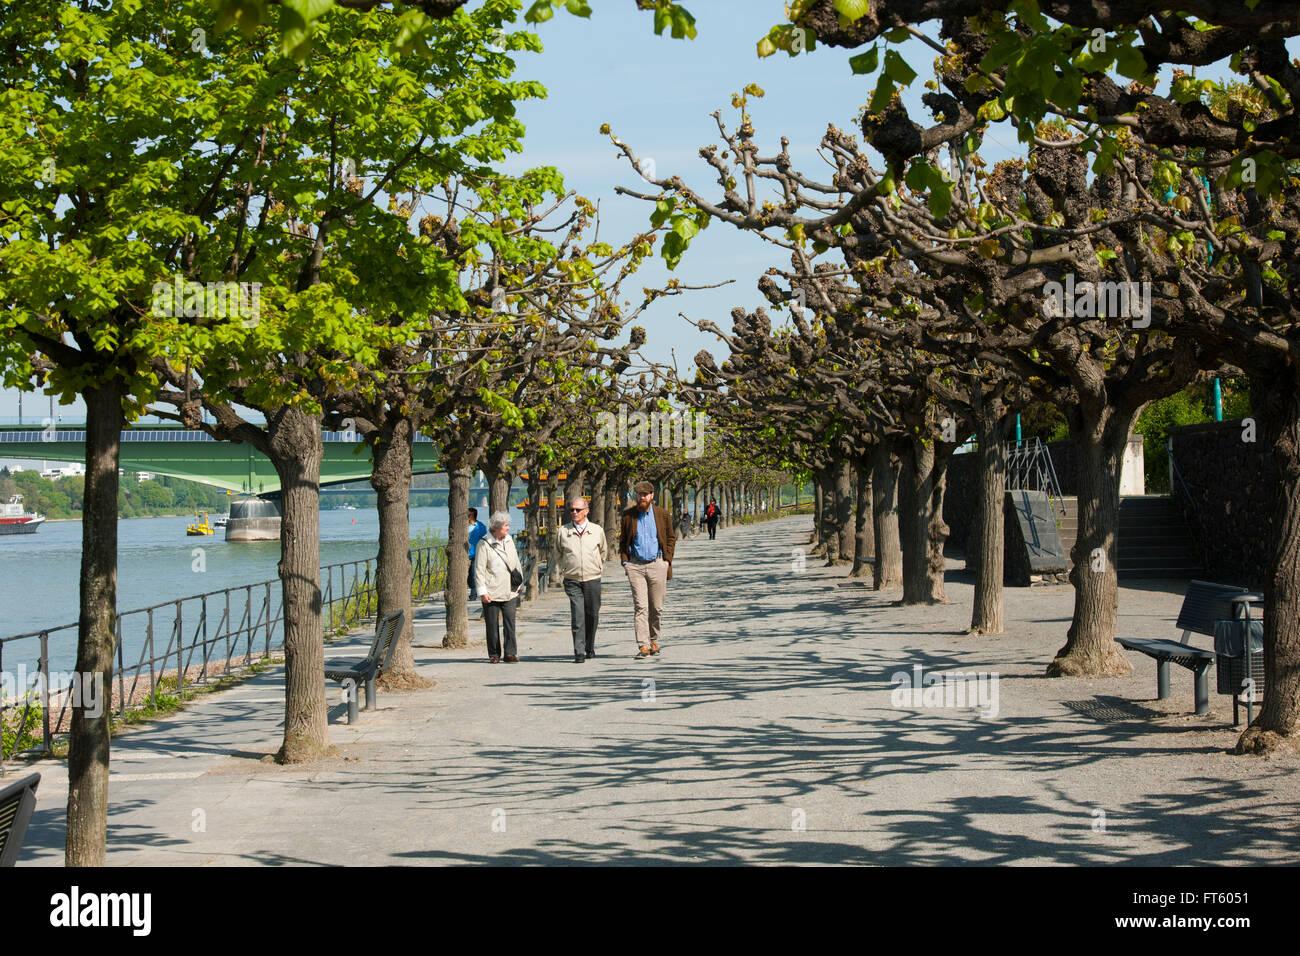 Deutschland, Nordrhein-Westfalen, Bonn, Bonn-Beuel, Rheinpromenade - Stock Image